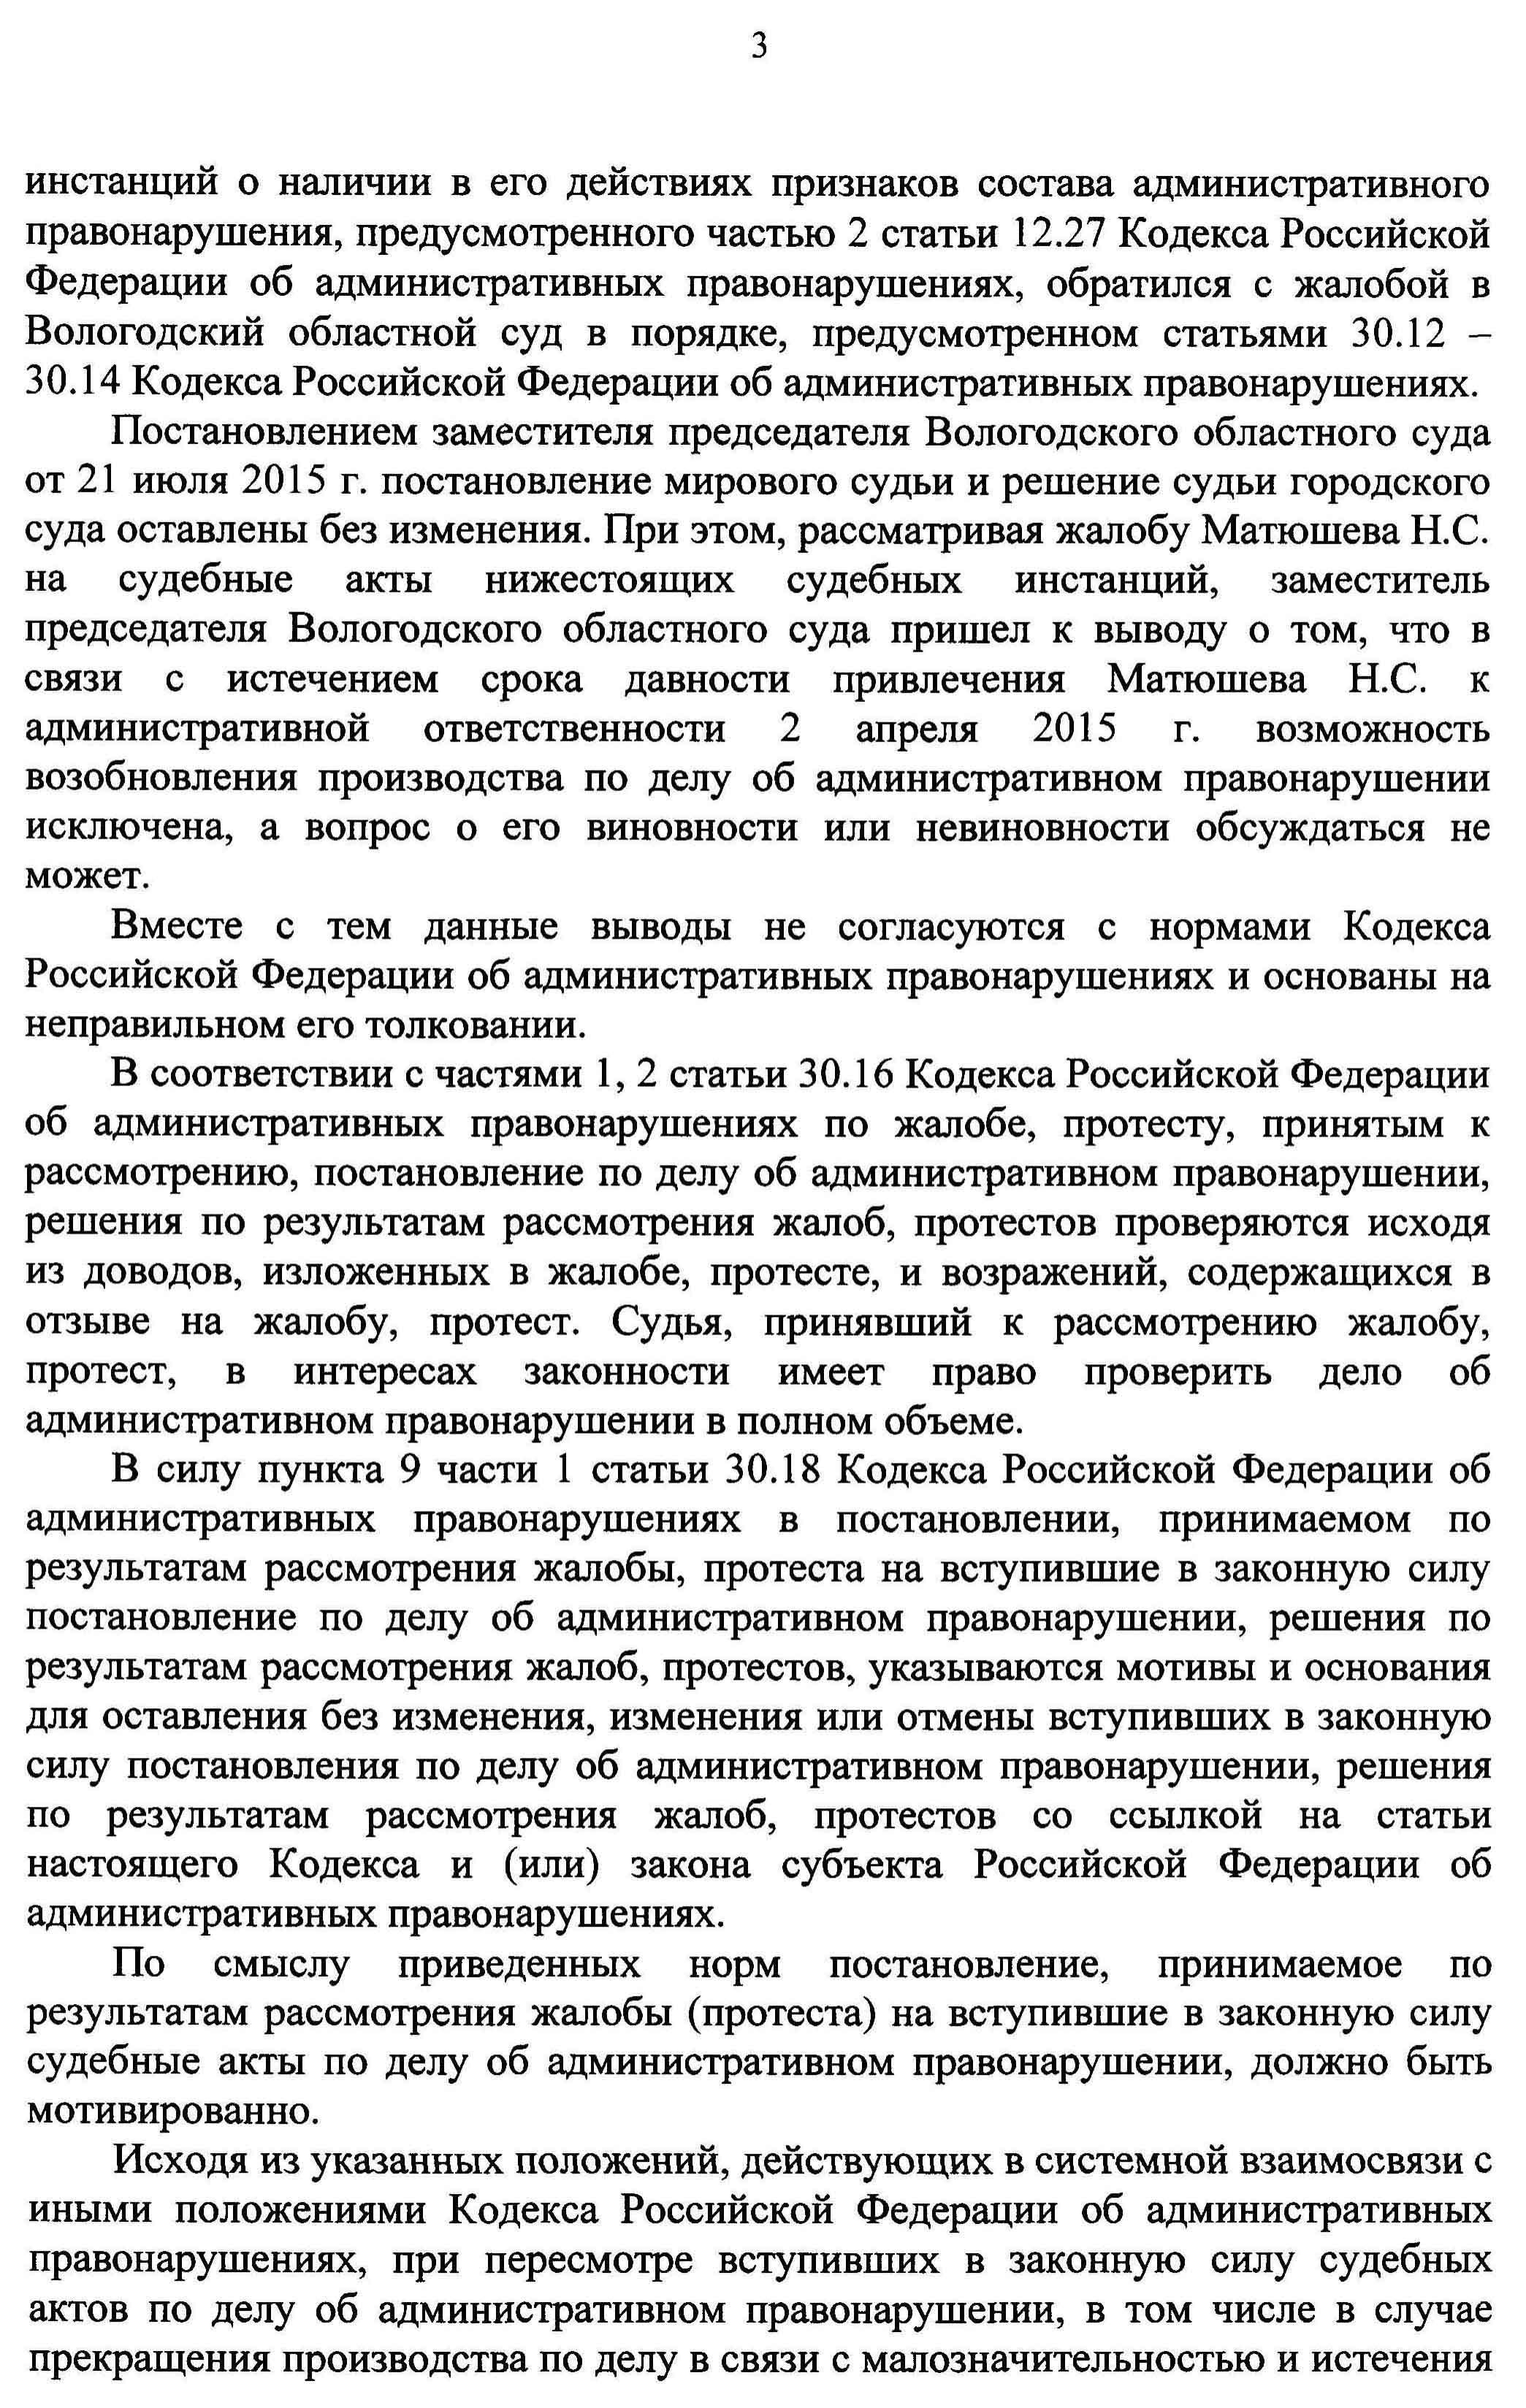 Демагог Меркулов о мотивированности решений по жалобам - постановление от 21 октября 2015 года № 2-АД15-3